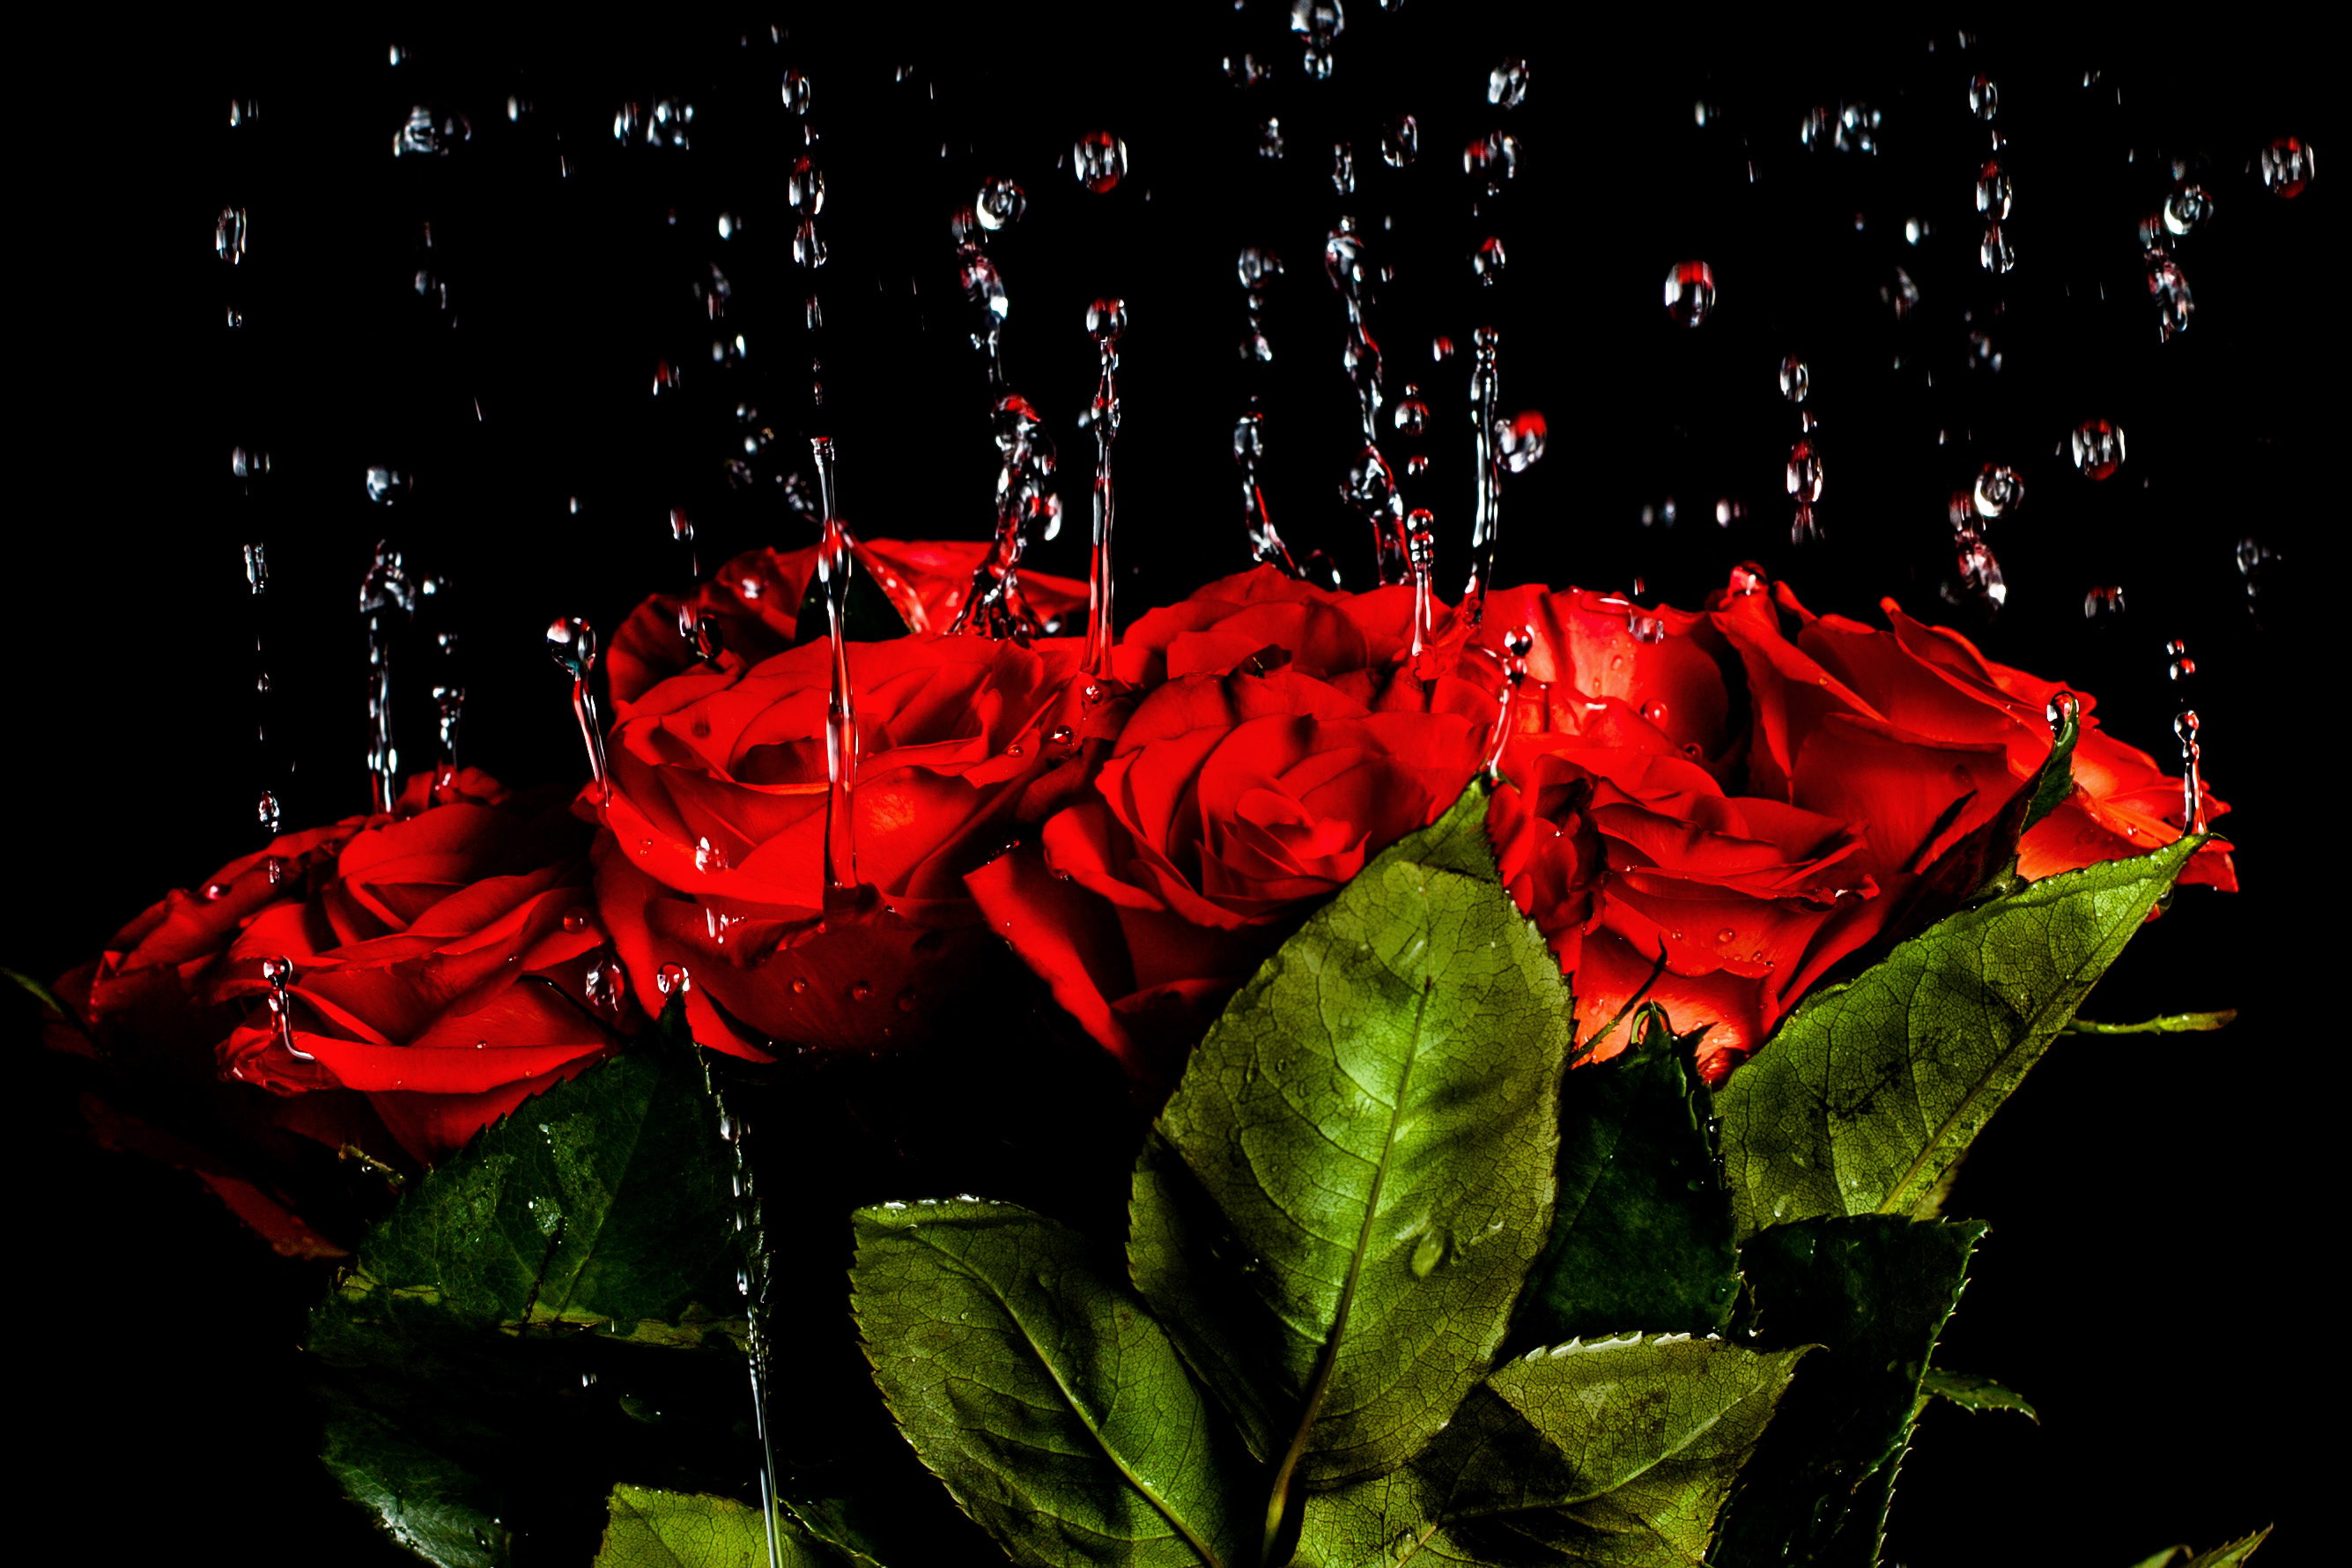 картинки красных роз на каплях воды переводе